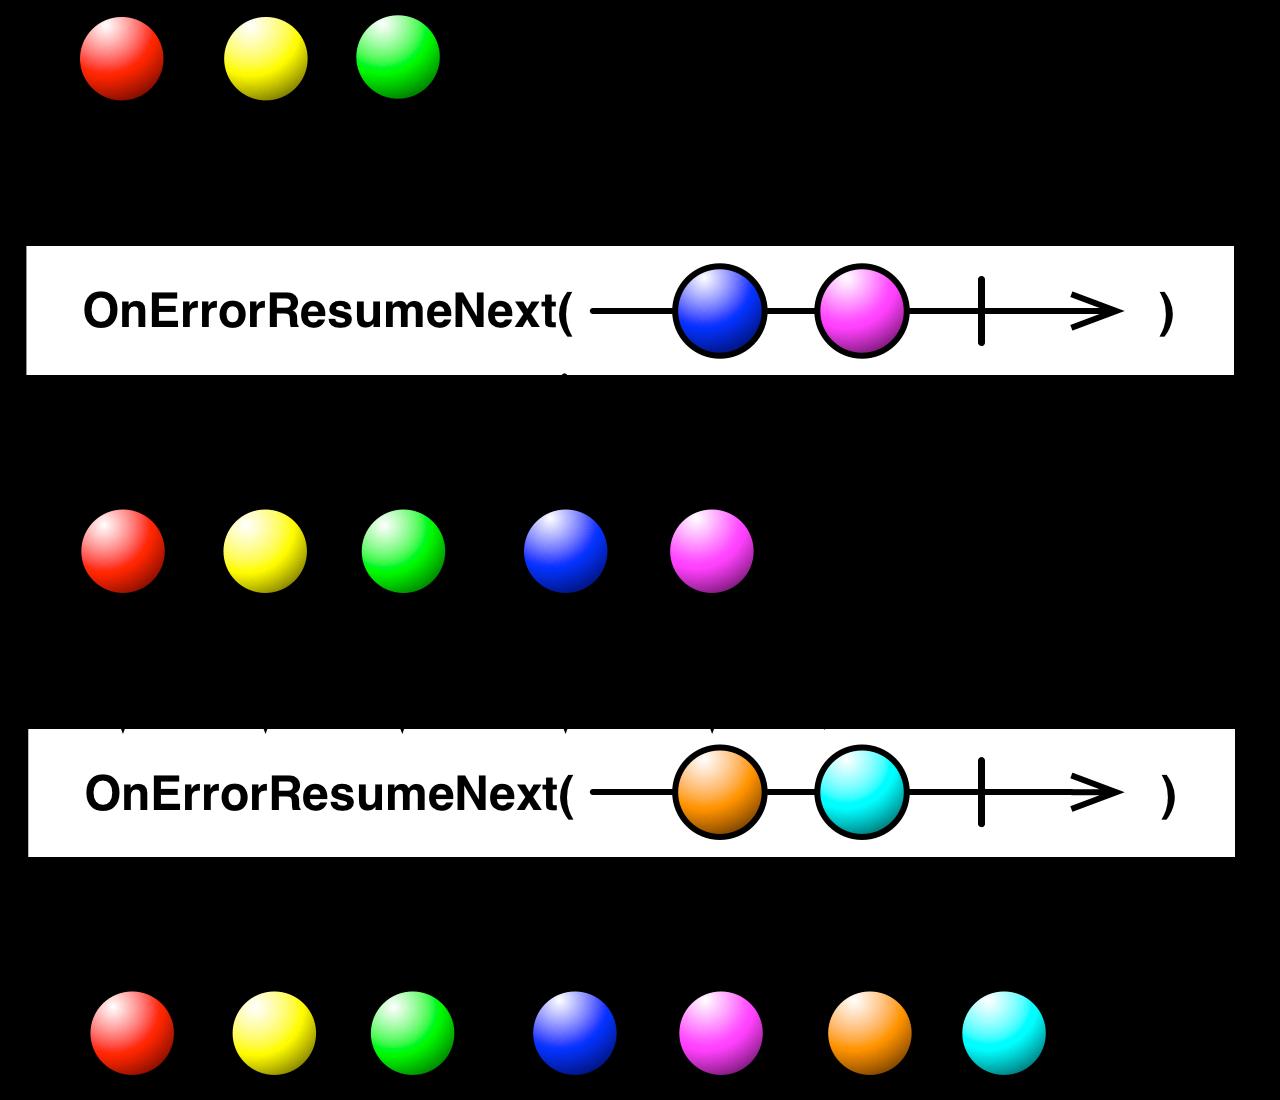 resume On Error Resume Next reactivex catch operator onerrorresumenext